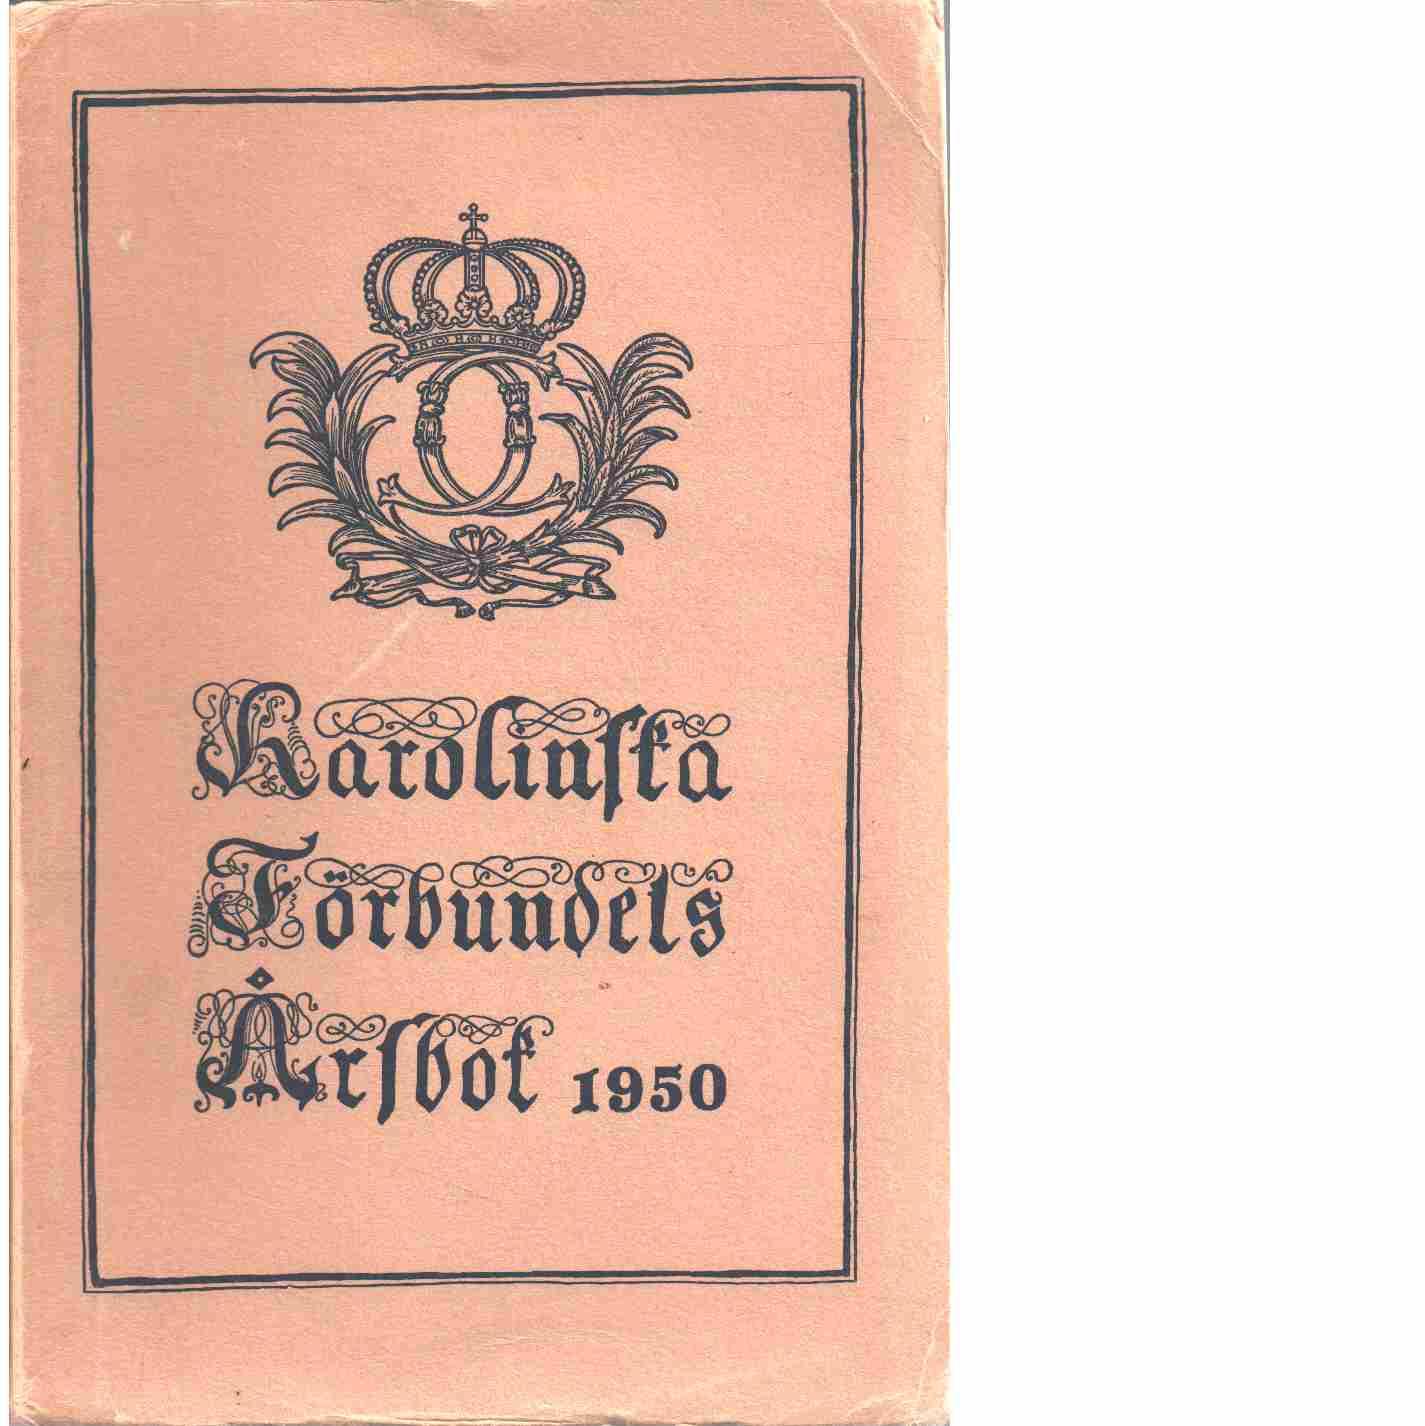 Karolinska förbundets årsbok  1950 - Karolinska förbundet